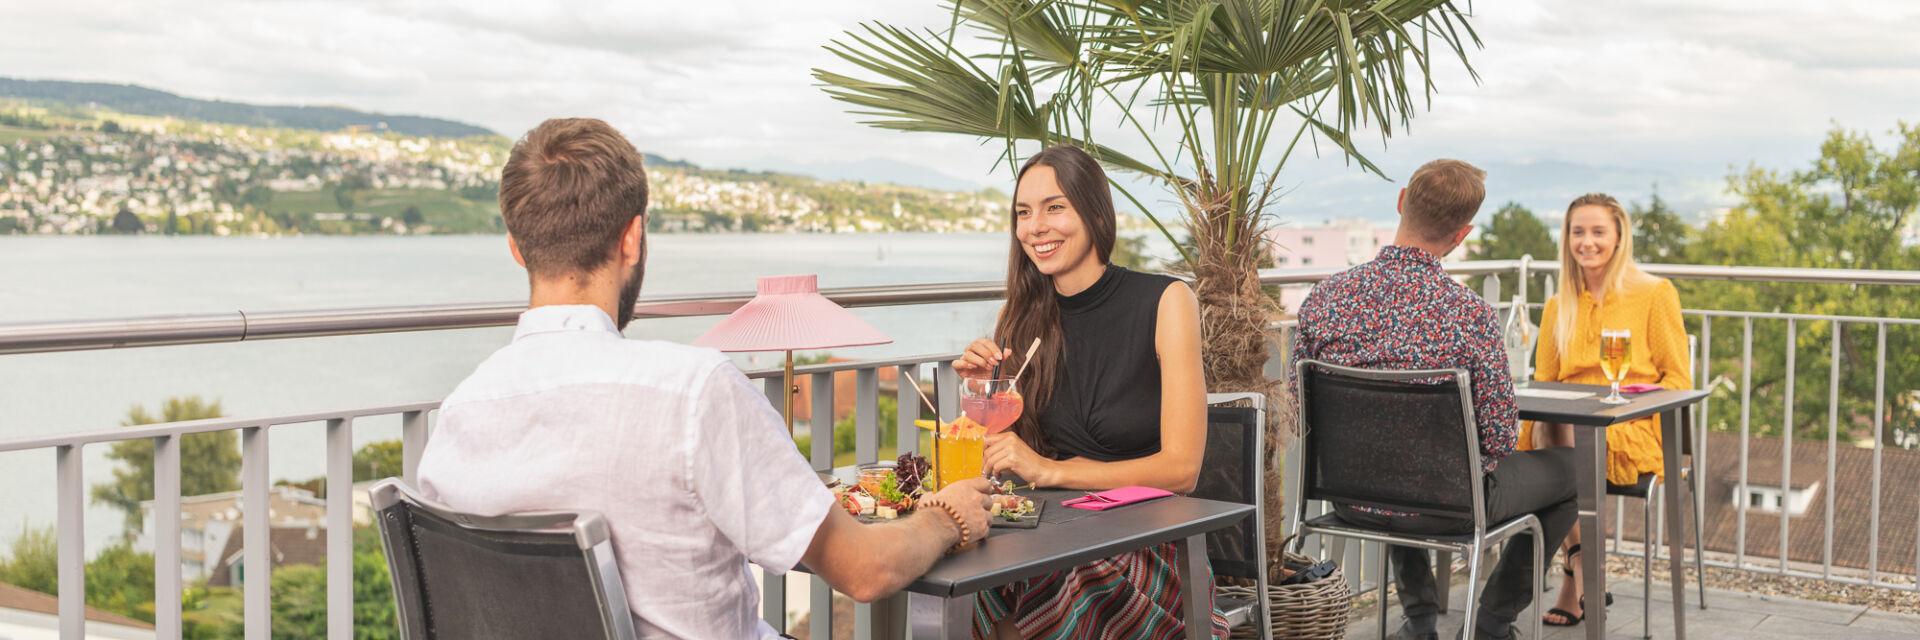 Restaurant mit Seesicht